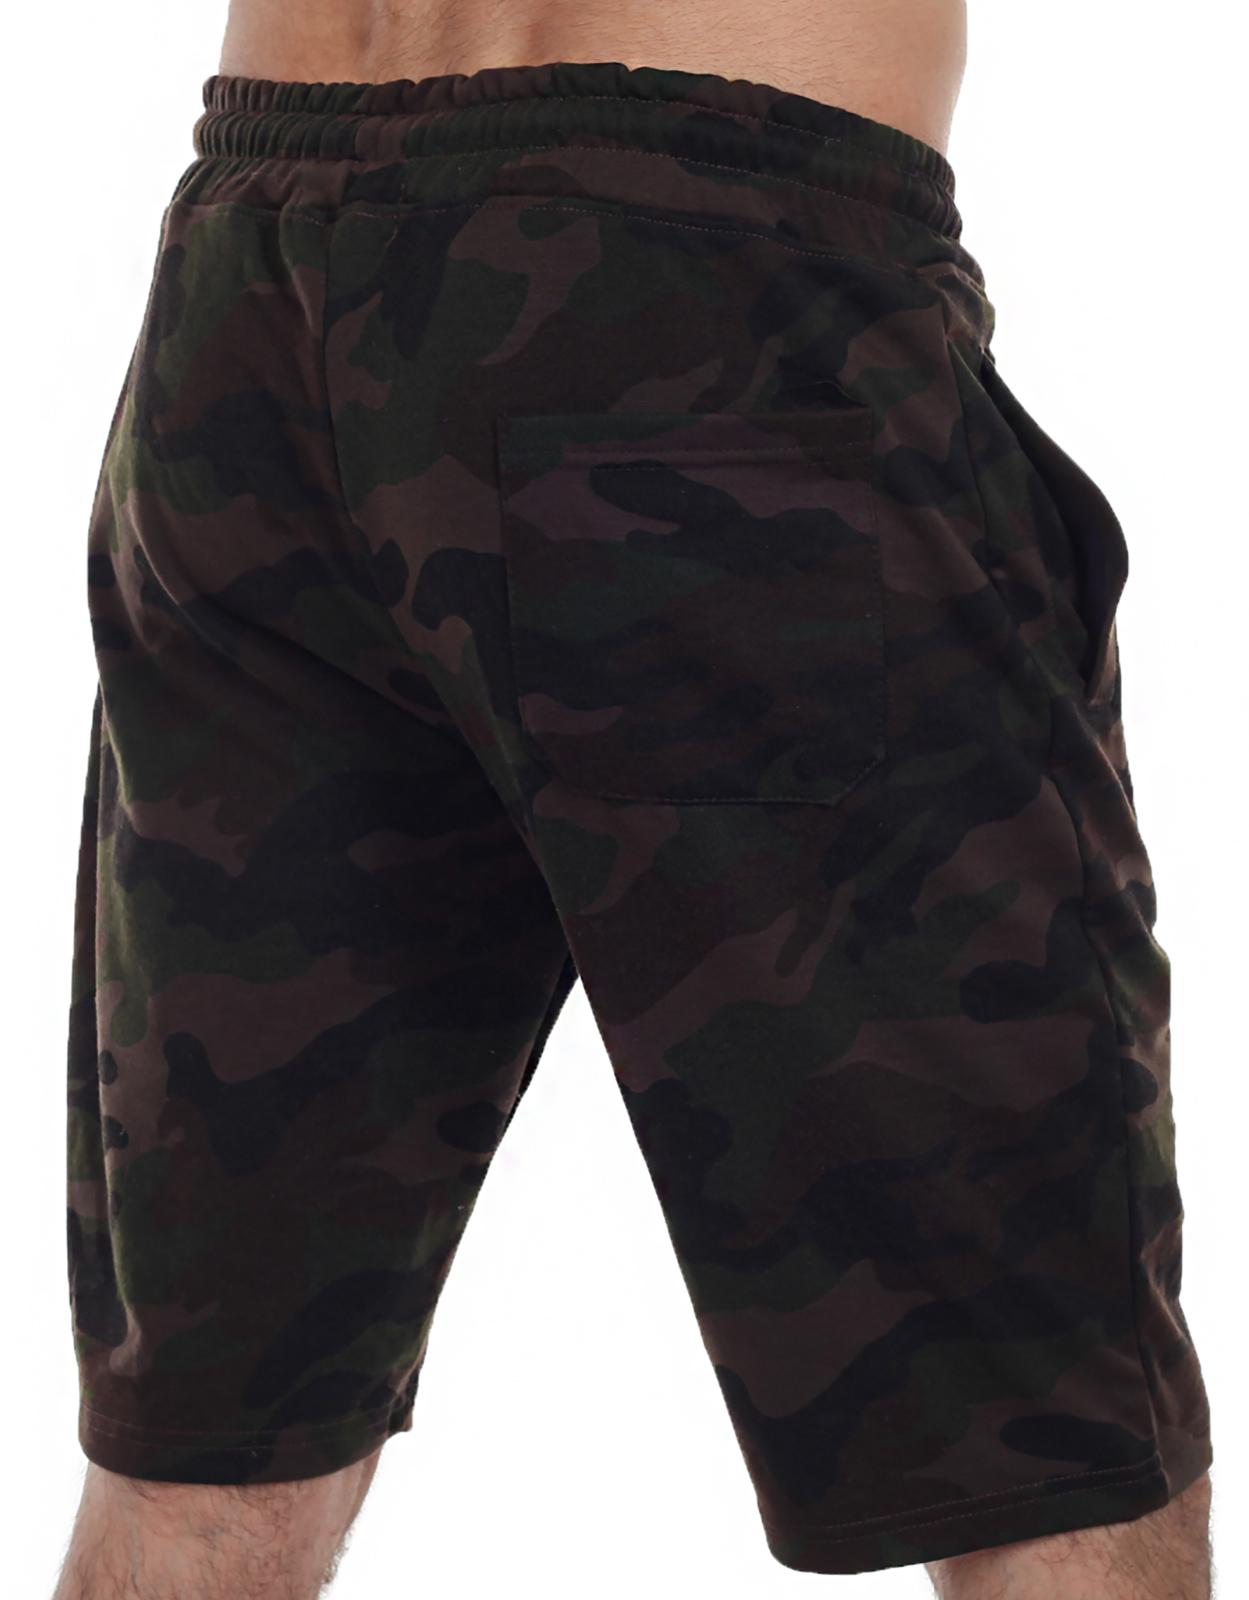 Продажа одежды Спецназа ГРУ – камуфляжные шорты и много чего еще!